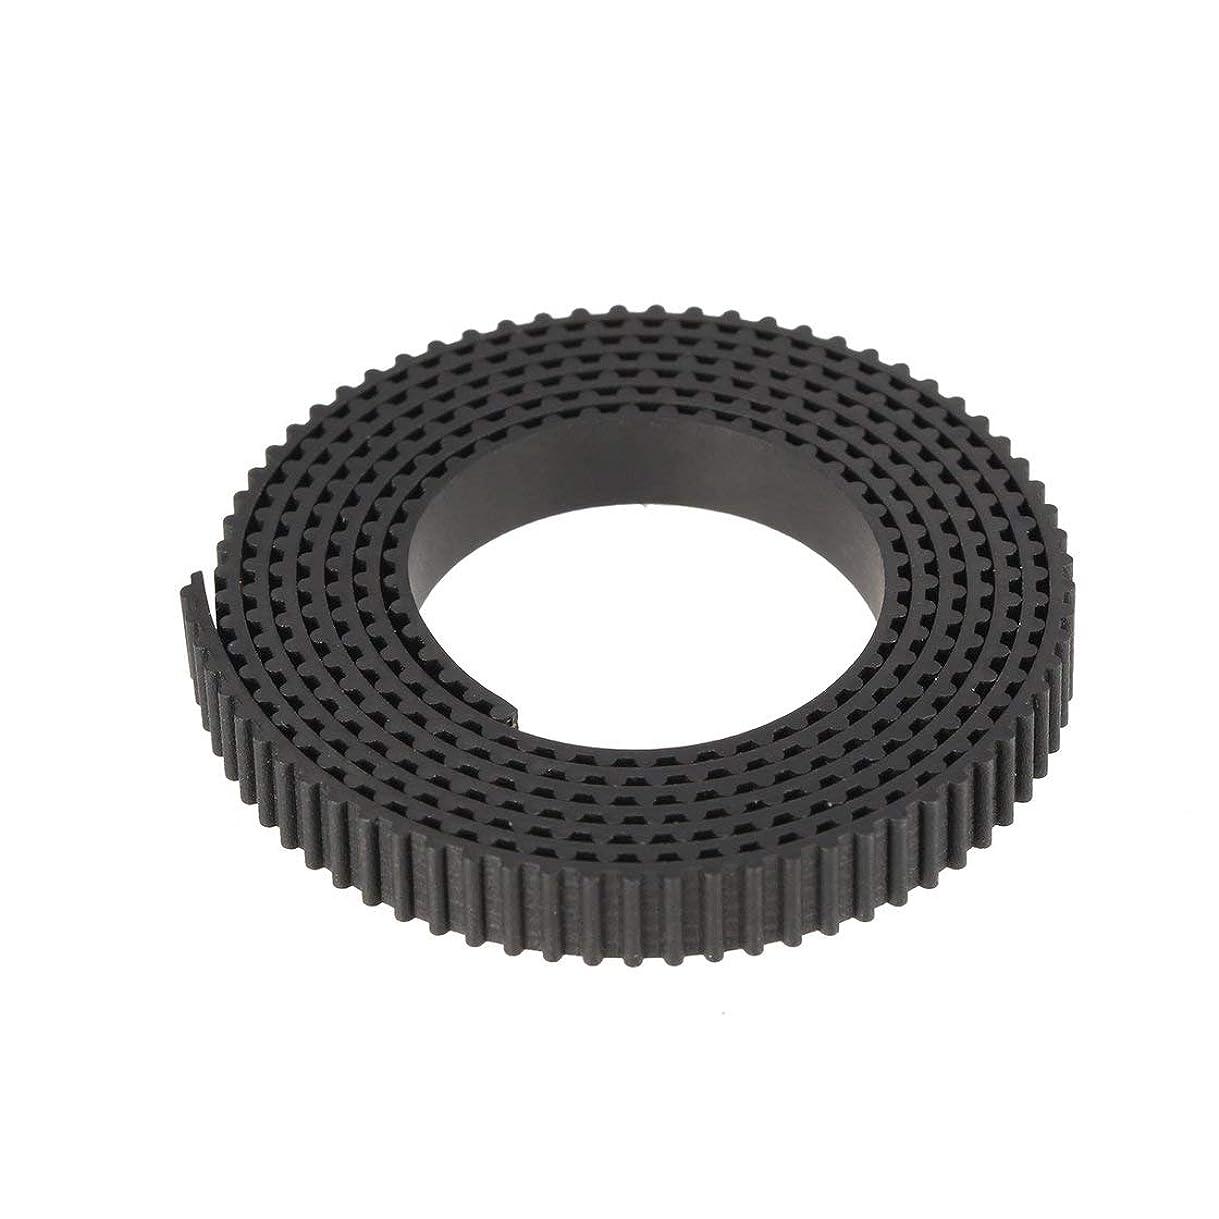 つかまえるブルゴーニュ圧縮された2GT 6mmオープンタイミングベルト幅6mm 2GTベルトゴムPUグラスファイバーカット用3Dプリンター部品用ベルト(ブラック) (Rustle666)